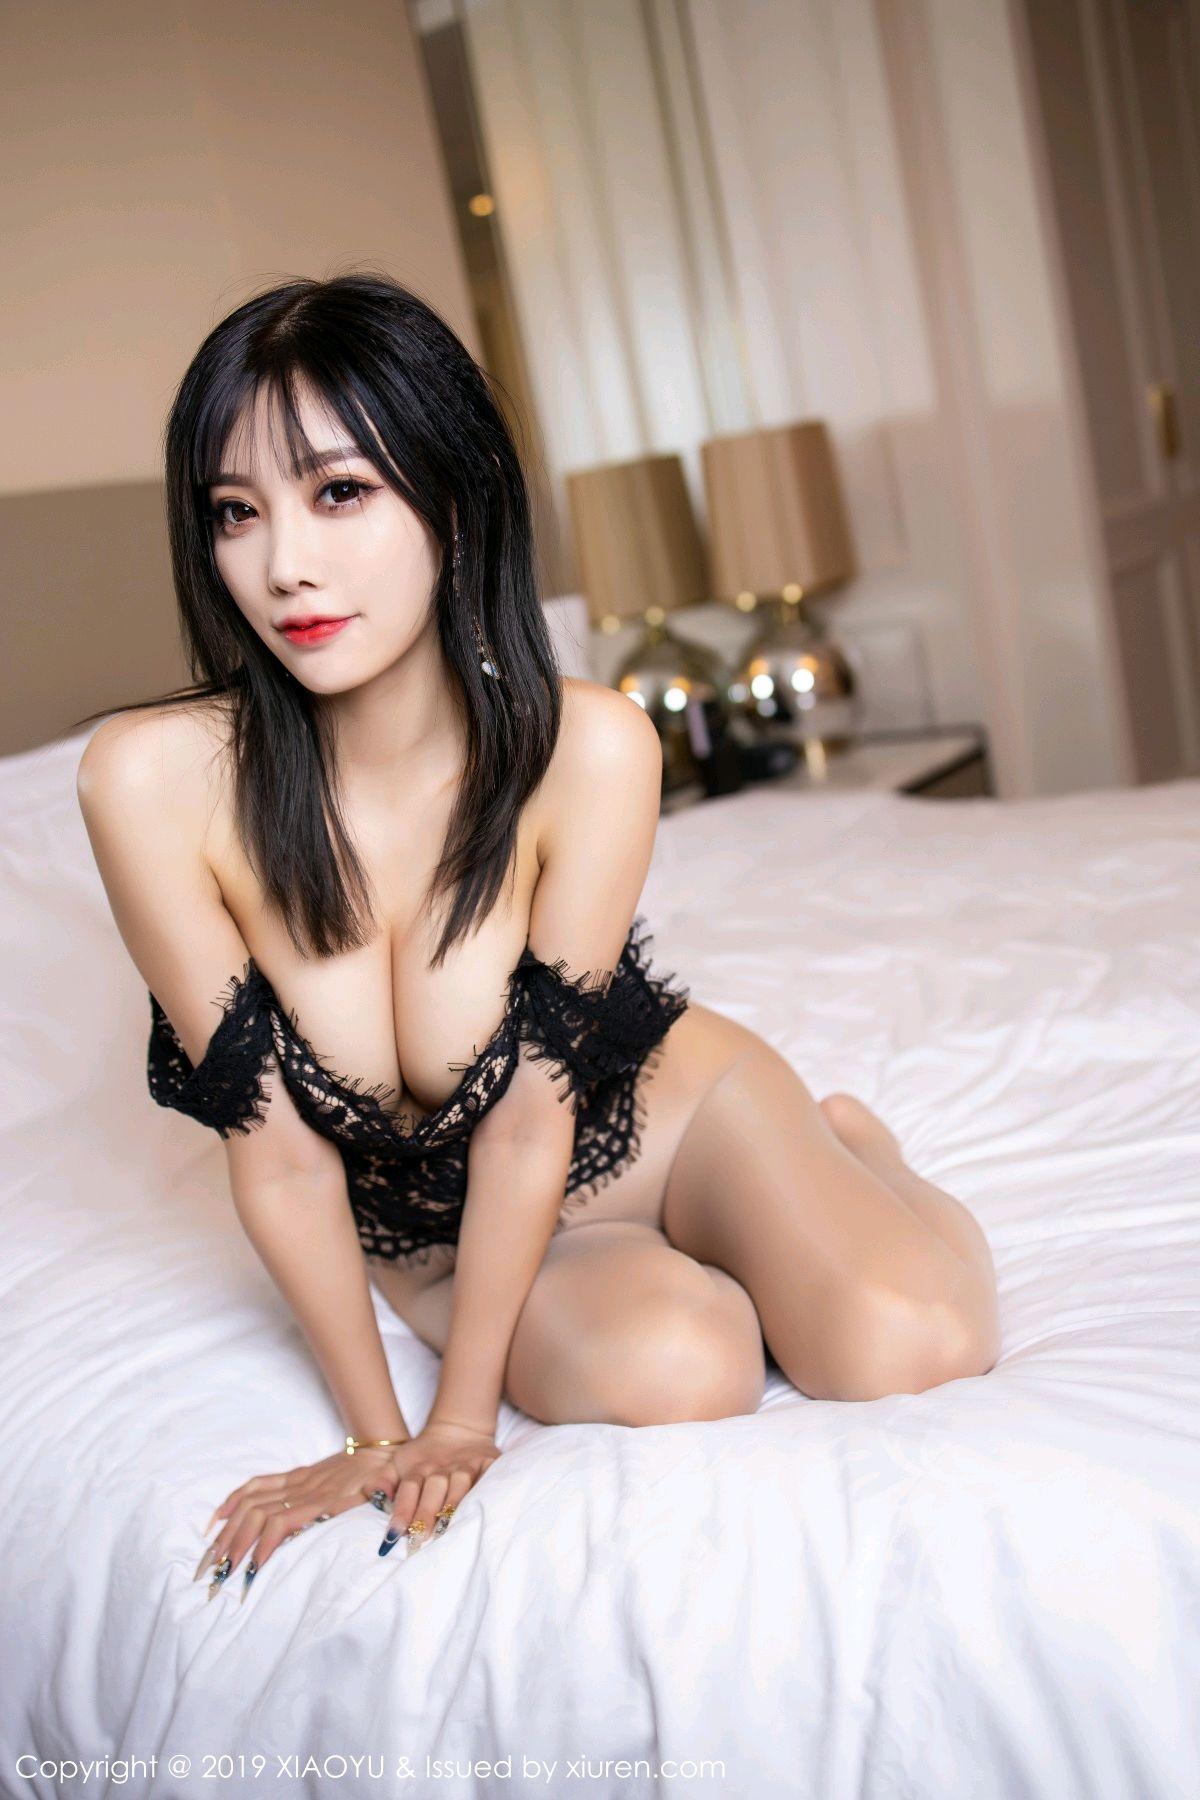 [XiaoYu] Vol.157 Yang Chen Chen 12P, XiaoYu, Yang Chen Chen